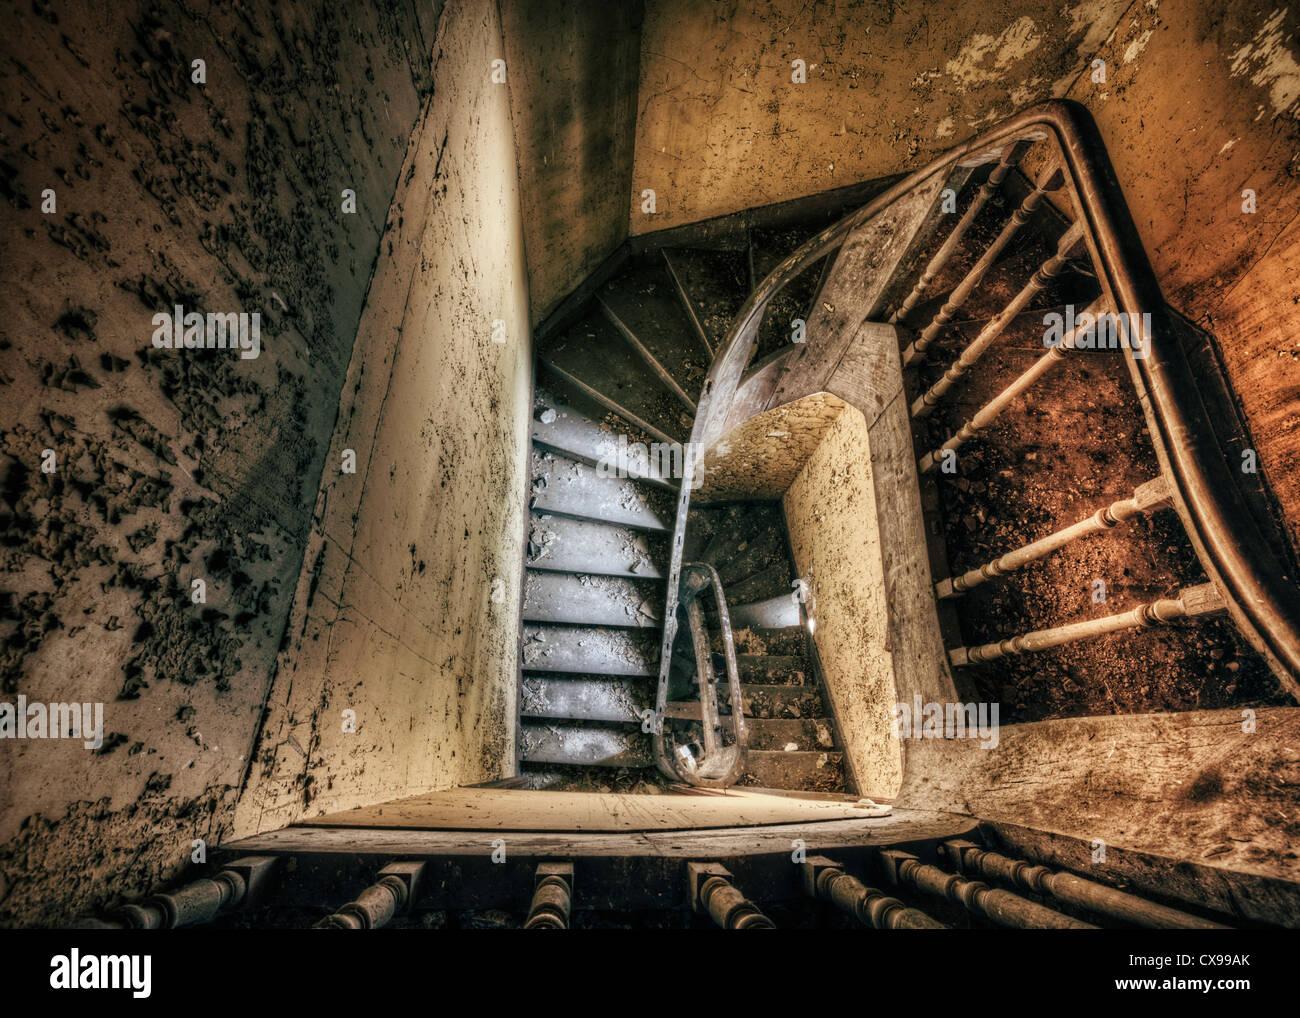 Escalier de spooky maison abandonnée Banque D'Images